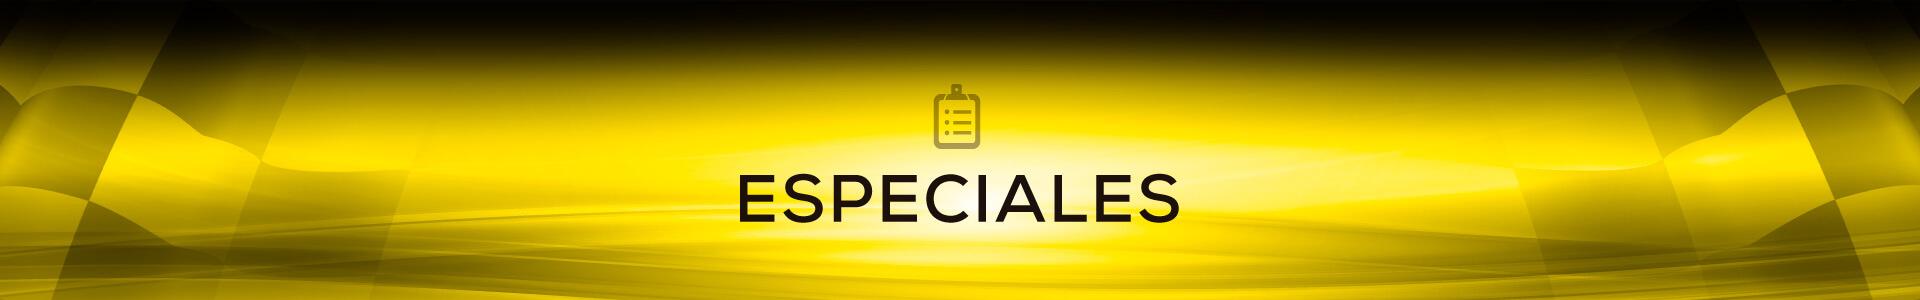 especiales-1920x300